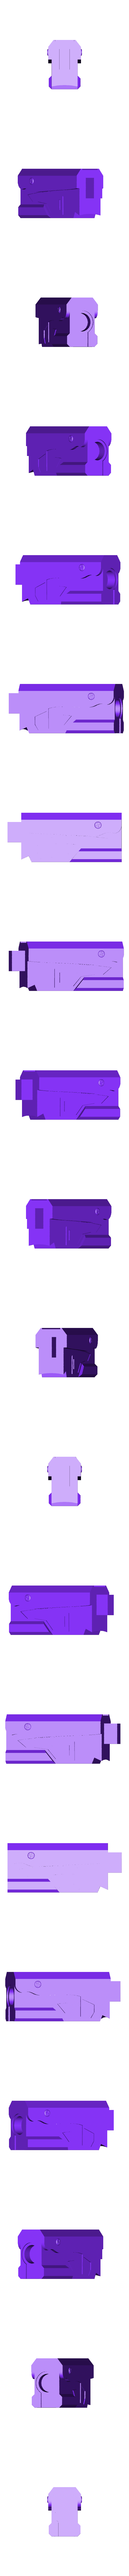 Main.stl Download free STL file Borderlands Bandit Room Clener Shotgun • 3D printer object, Dsk